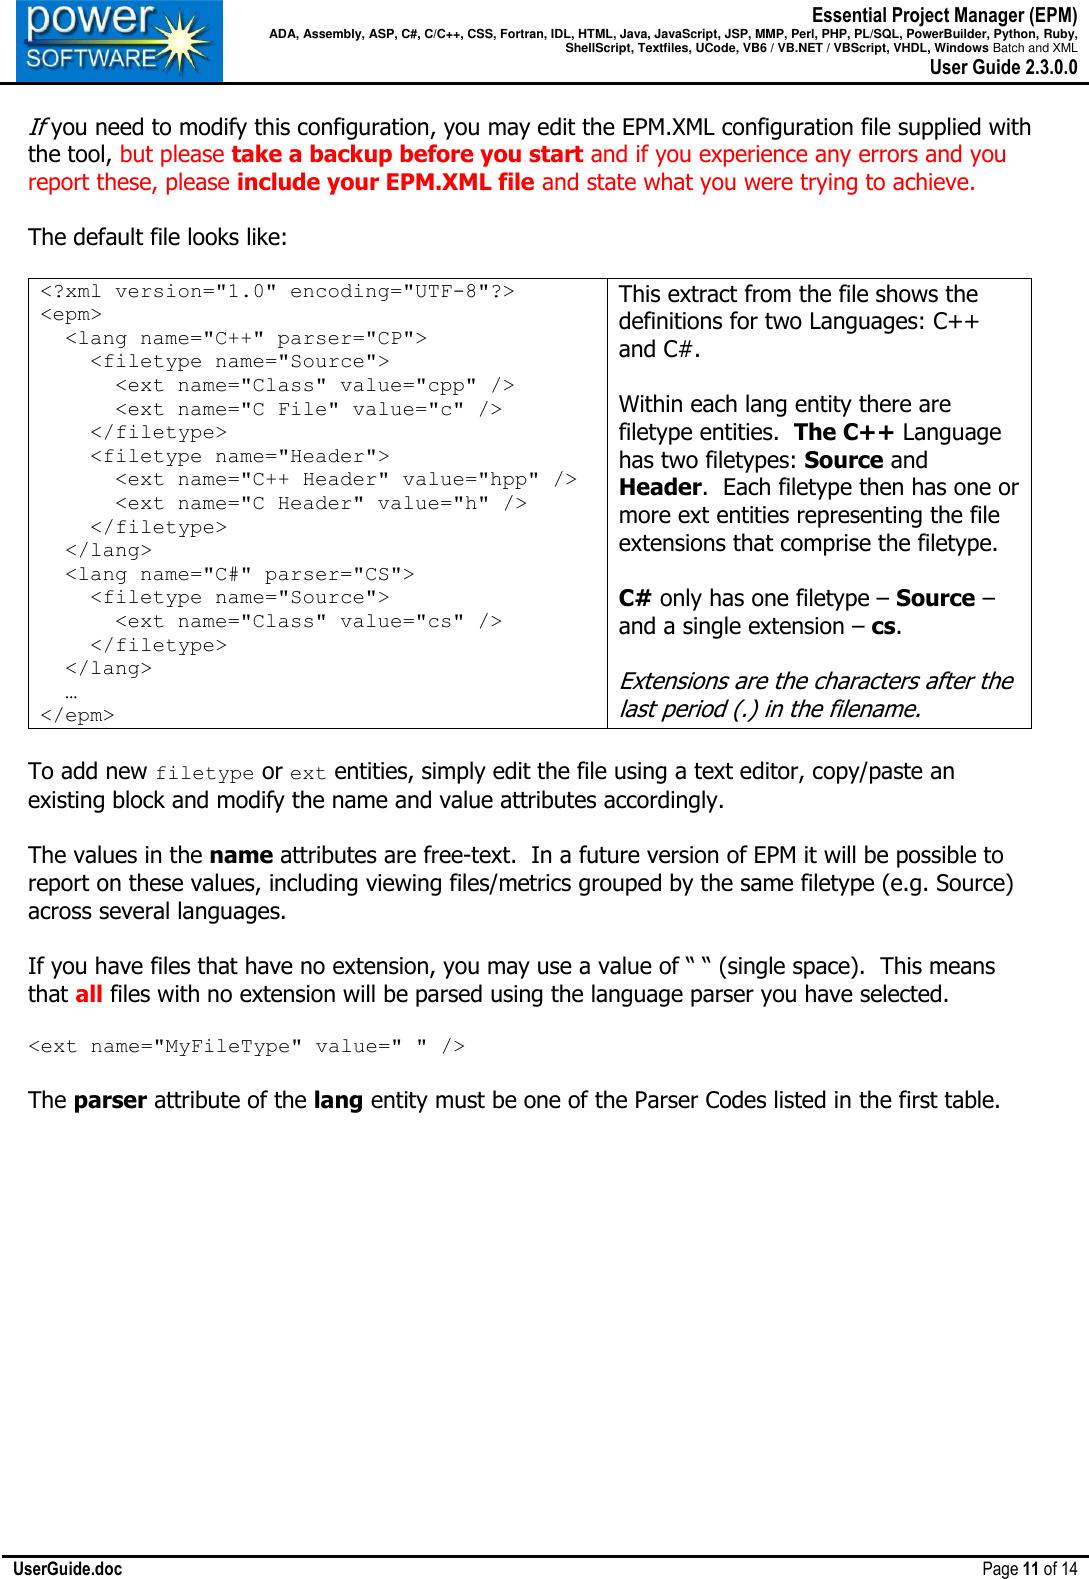 EPM User Guide